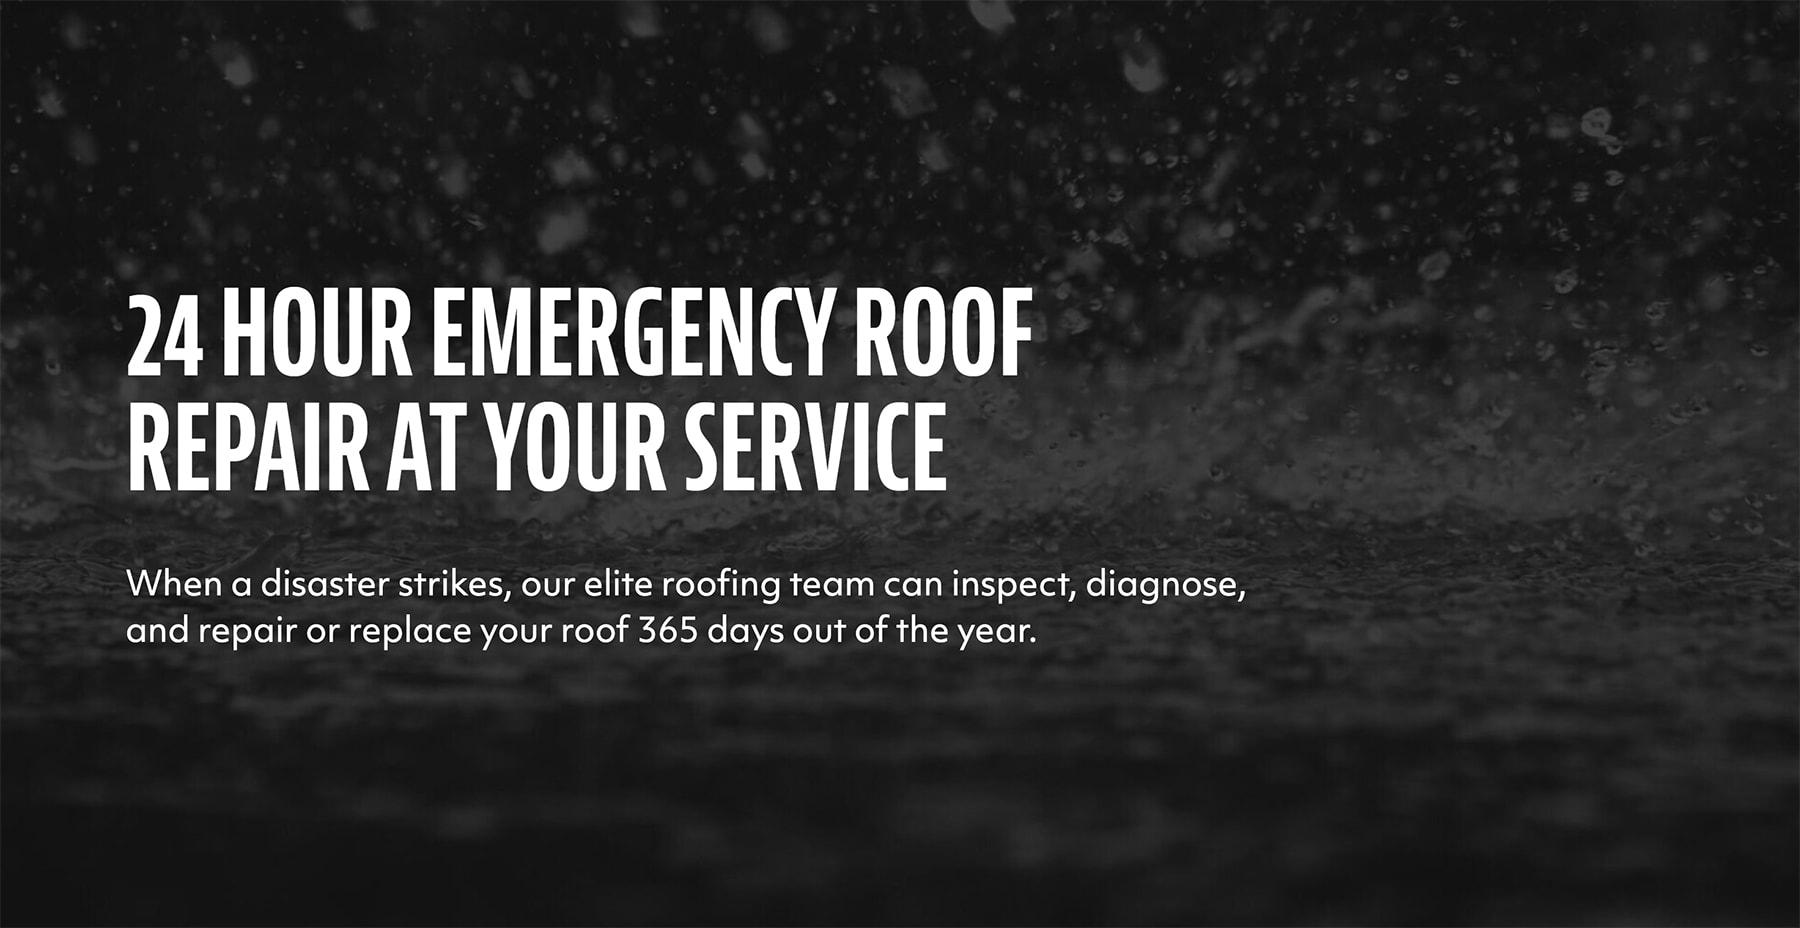 roofer marketing